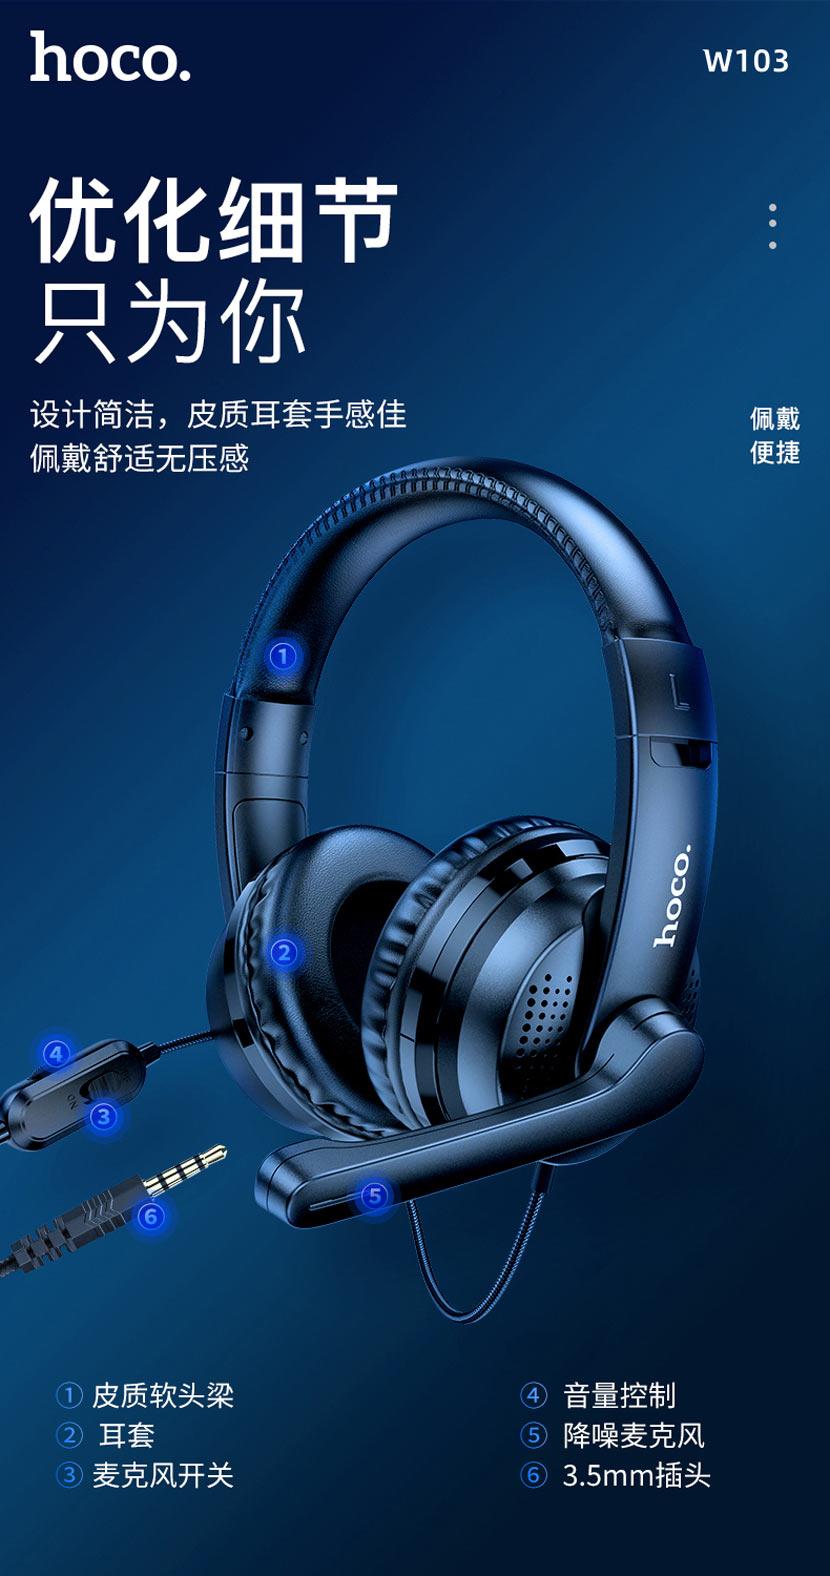 hoco news w103 magic tour gaming headphones details cn